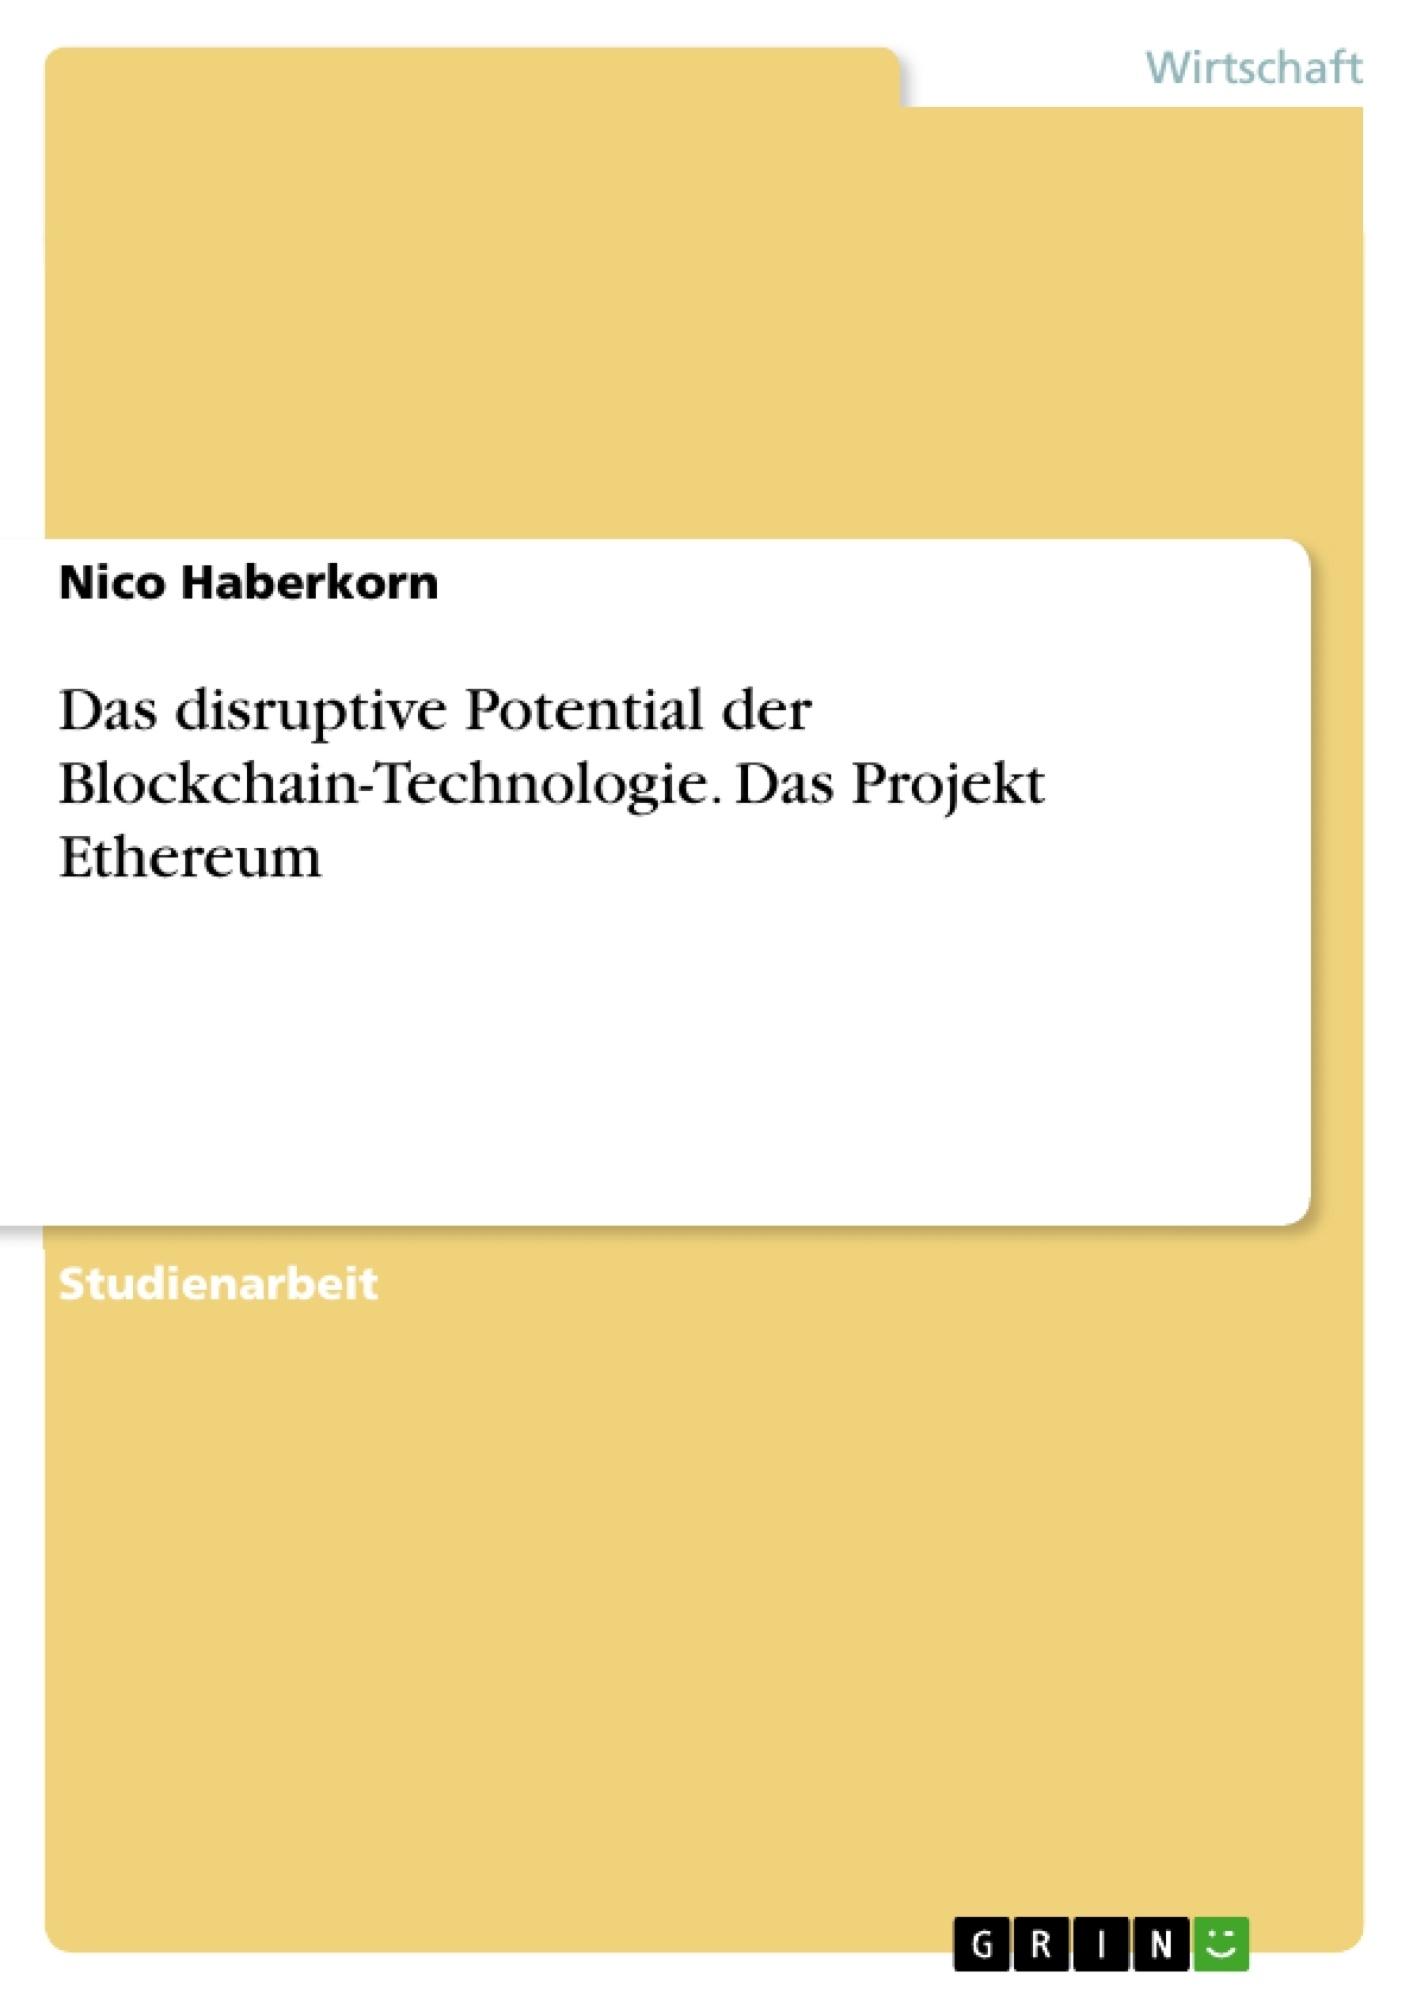 Titel: Das disruptive Potential der Blockchain-Technologie. Das Projekt Ethereum